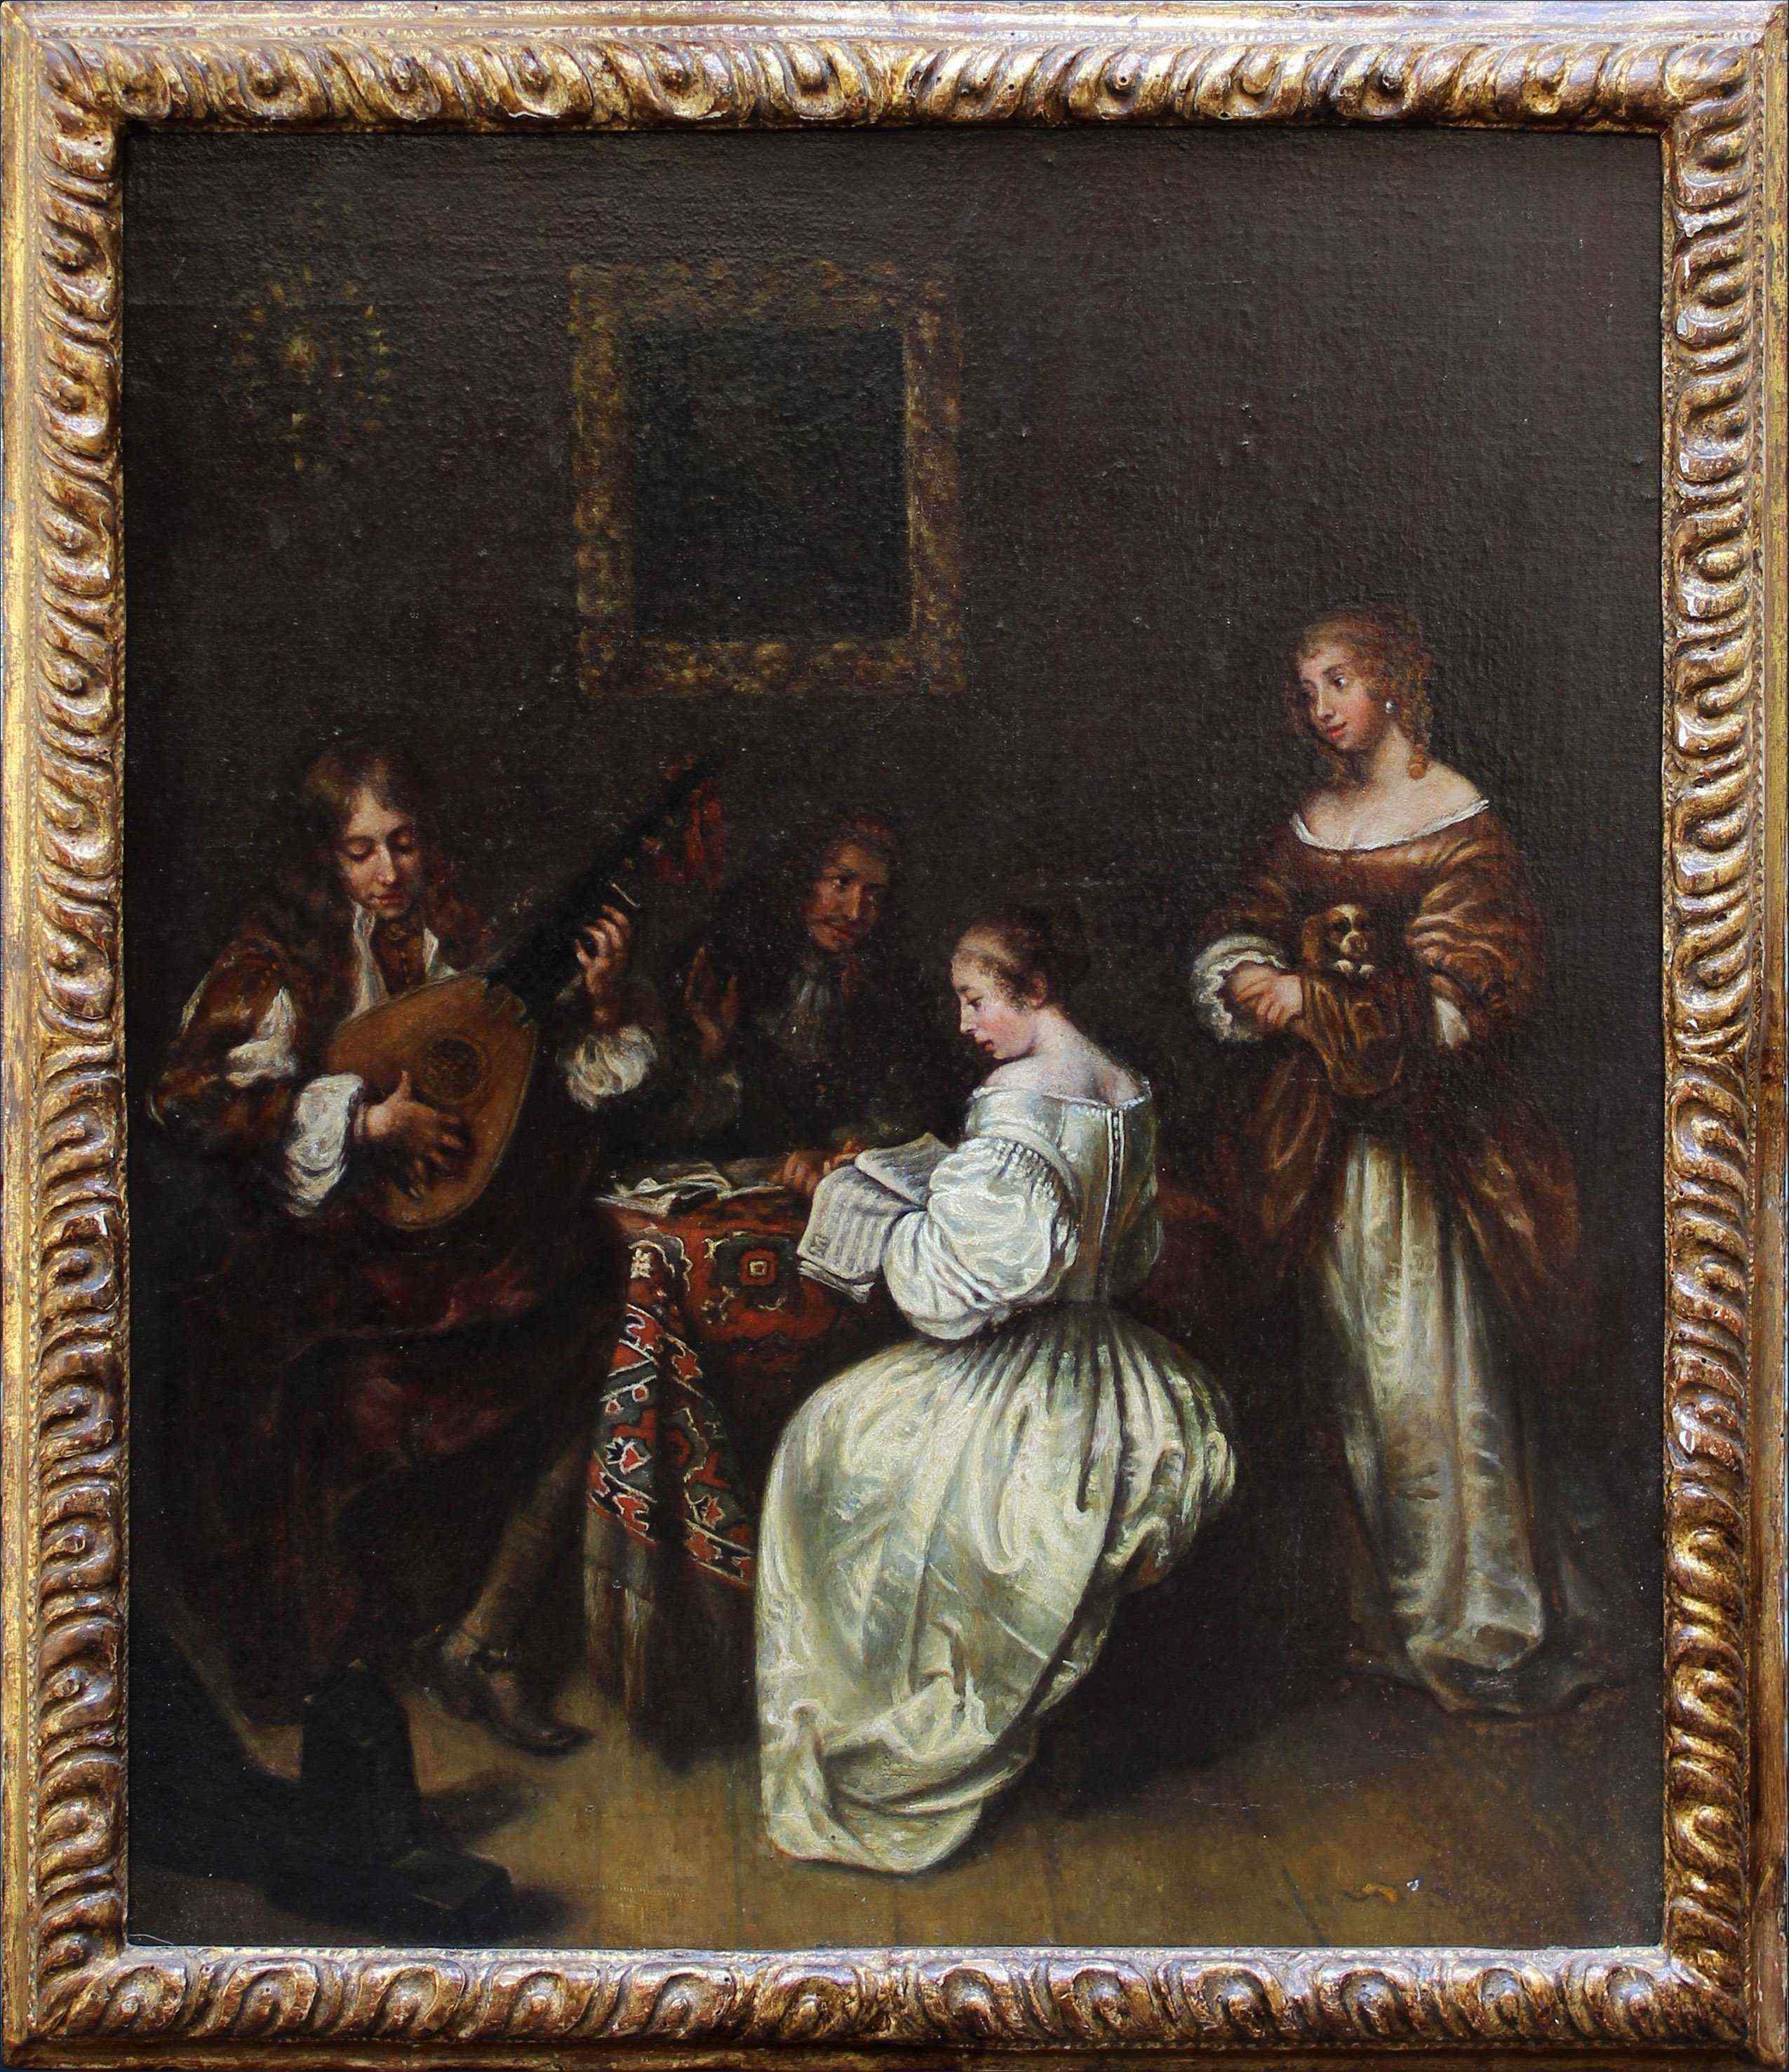 Ecole flamande du XVIIe siècle, Scène de concert